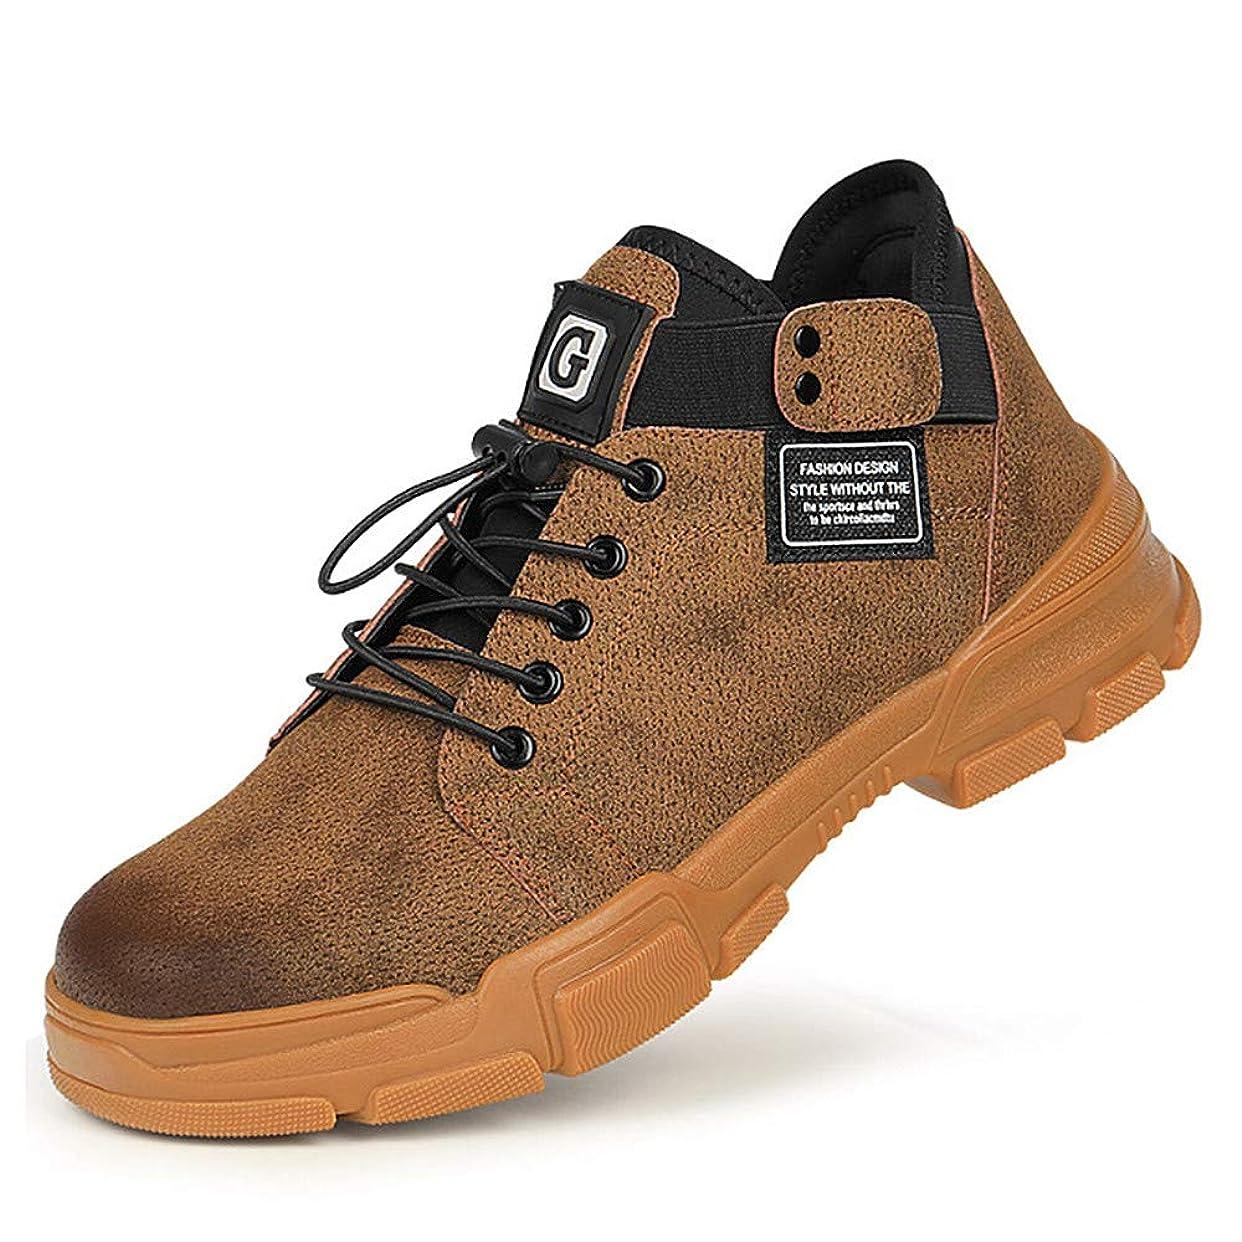 放射能提案するトーク安全靴 作業靴 セーフティーシューズ 鋼先芯 つま先保護 刺す叩く防止 軽量 通気性 耐油 防滑 耐磨 メンズ